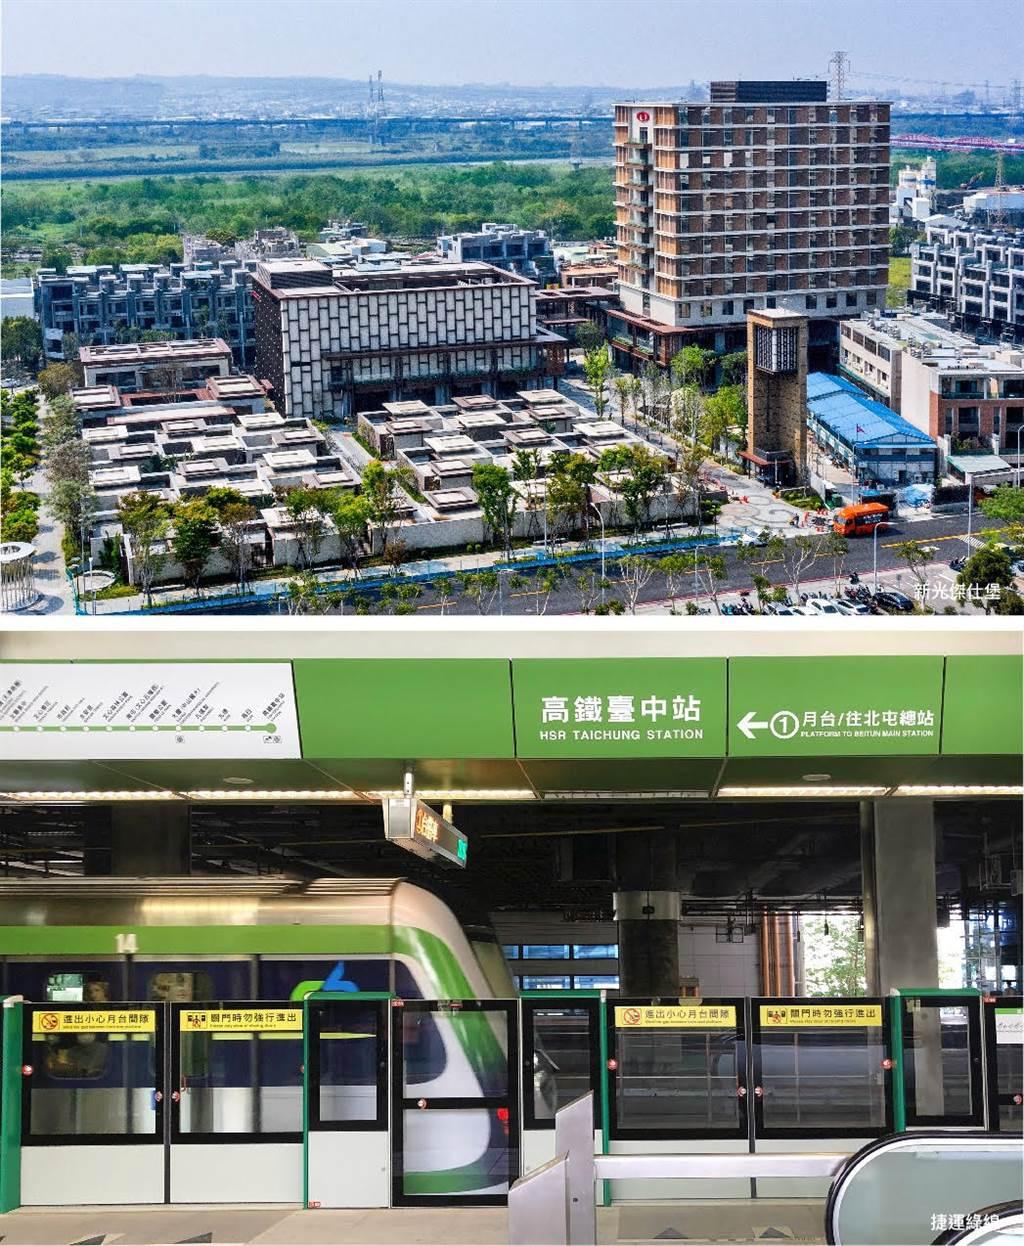 台中高鐵站為中部唯一三鐵共構站,是中台灣最重要的交通核心。(圖/業者提供)